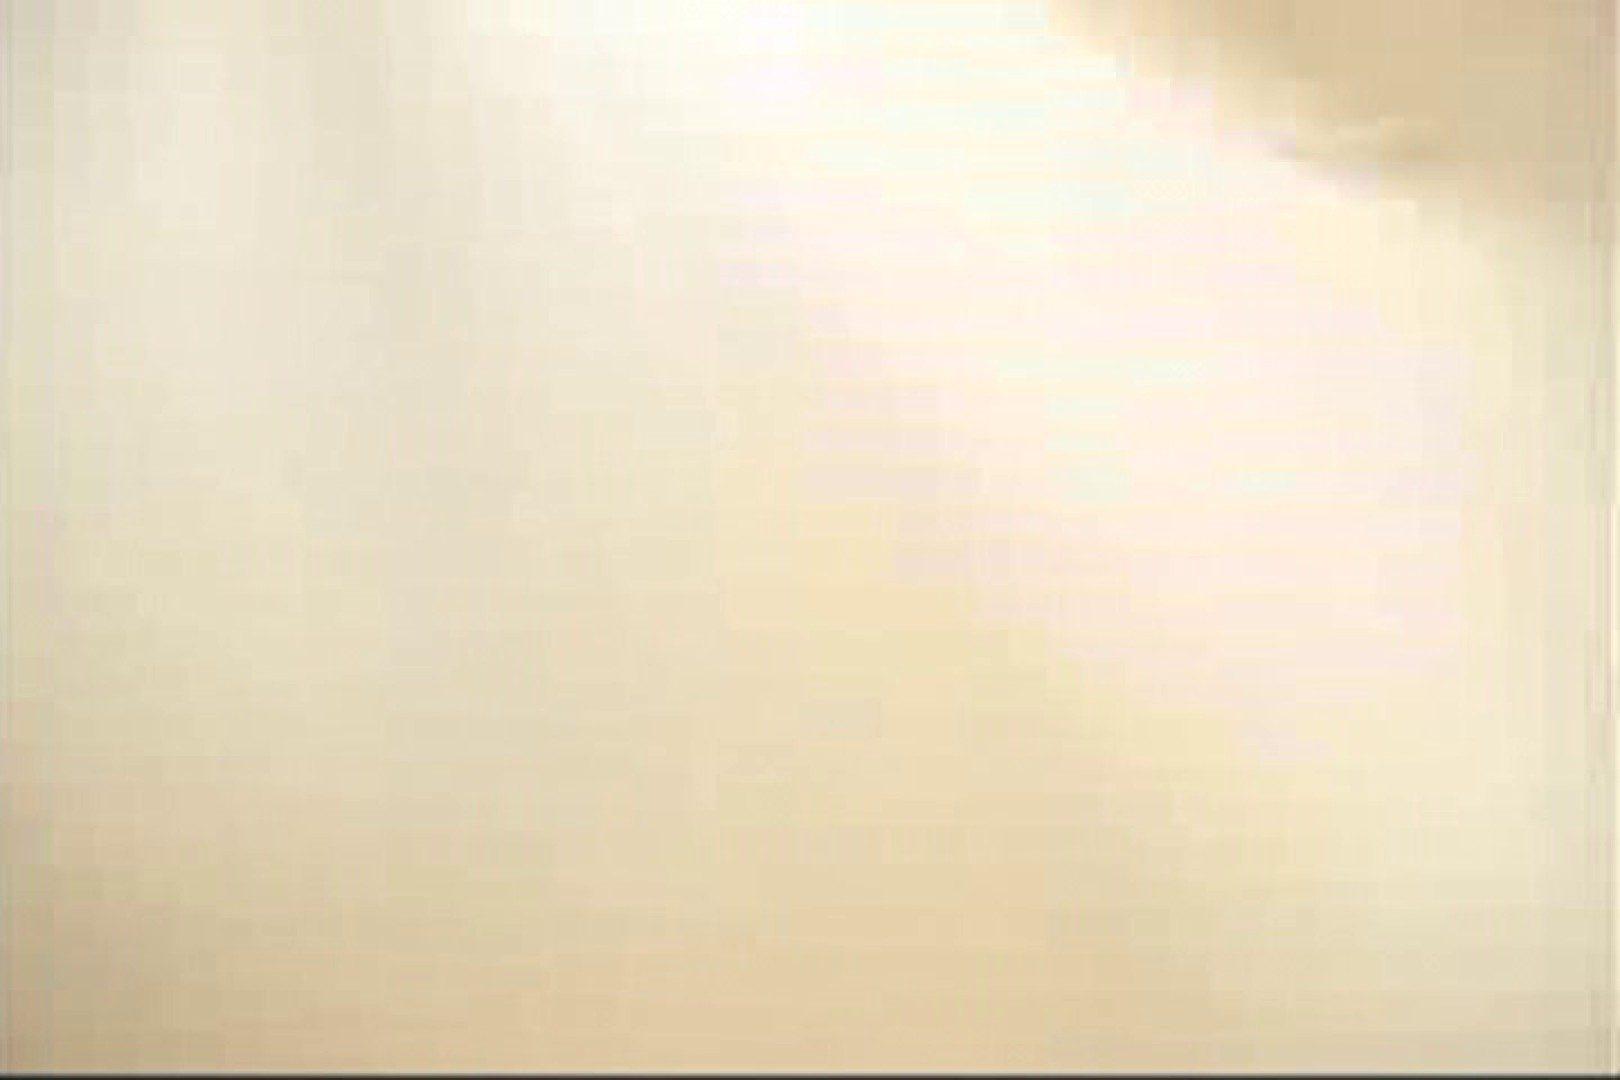 まめぞうDVD完全版VOL.7 洗面所シーン | ギャルズ  104画像 51